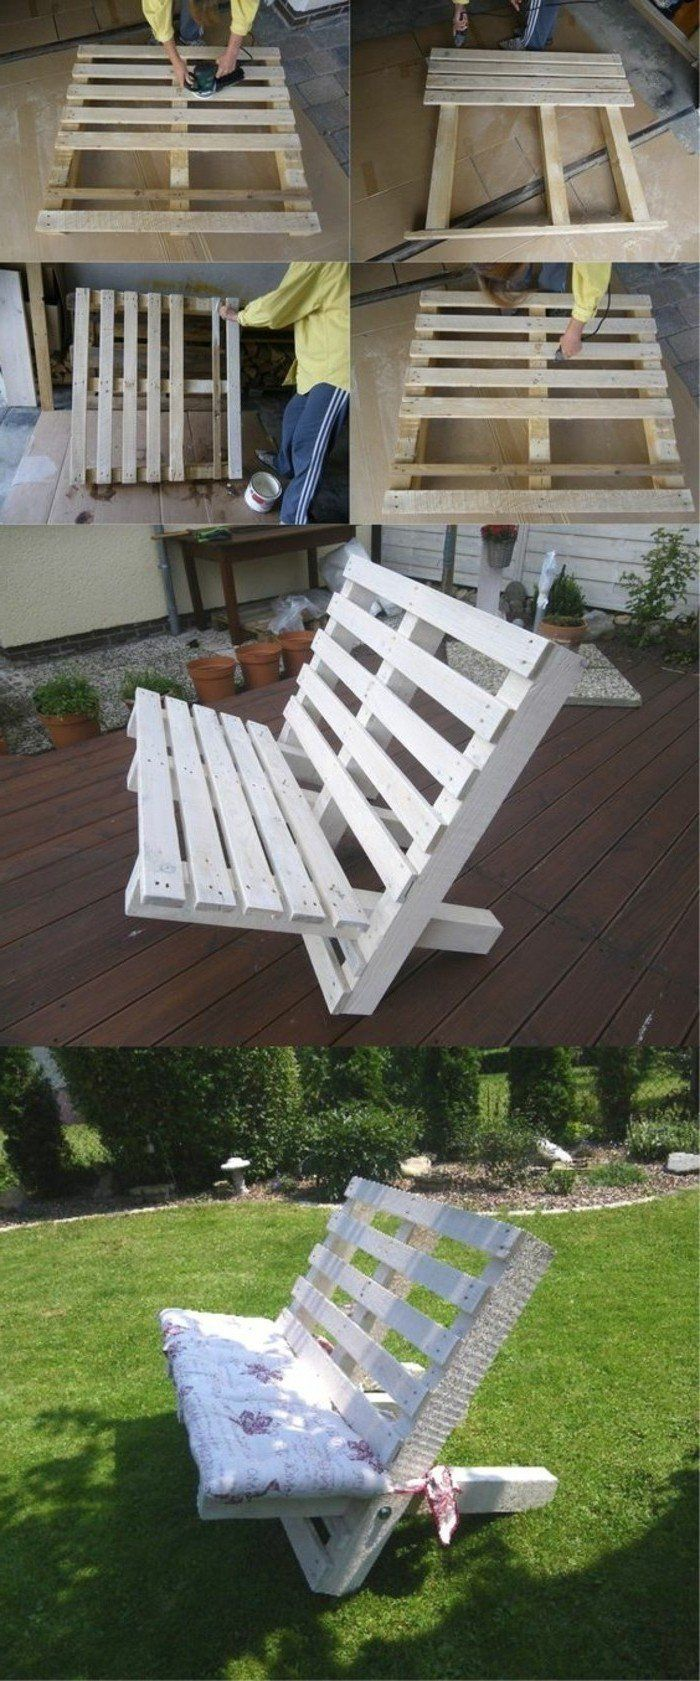 les 25 meilleures id es de la cat gorie fauteuil en palettes sur pinterest fauteuil jardin. Black Bedroom Furniture Sets. Home Design Ideas